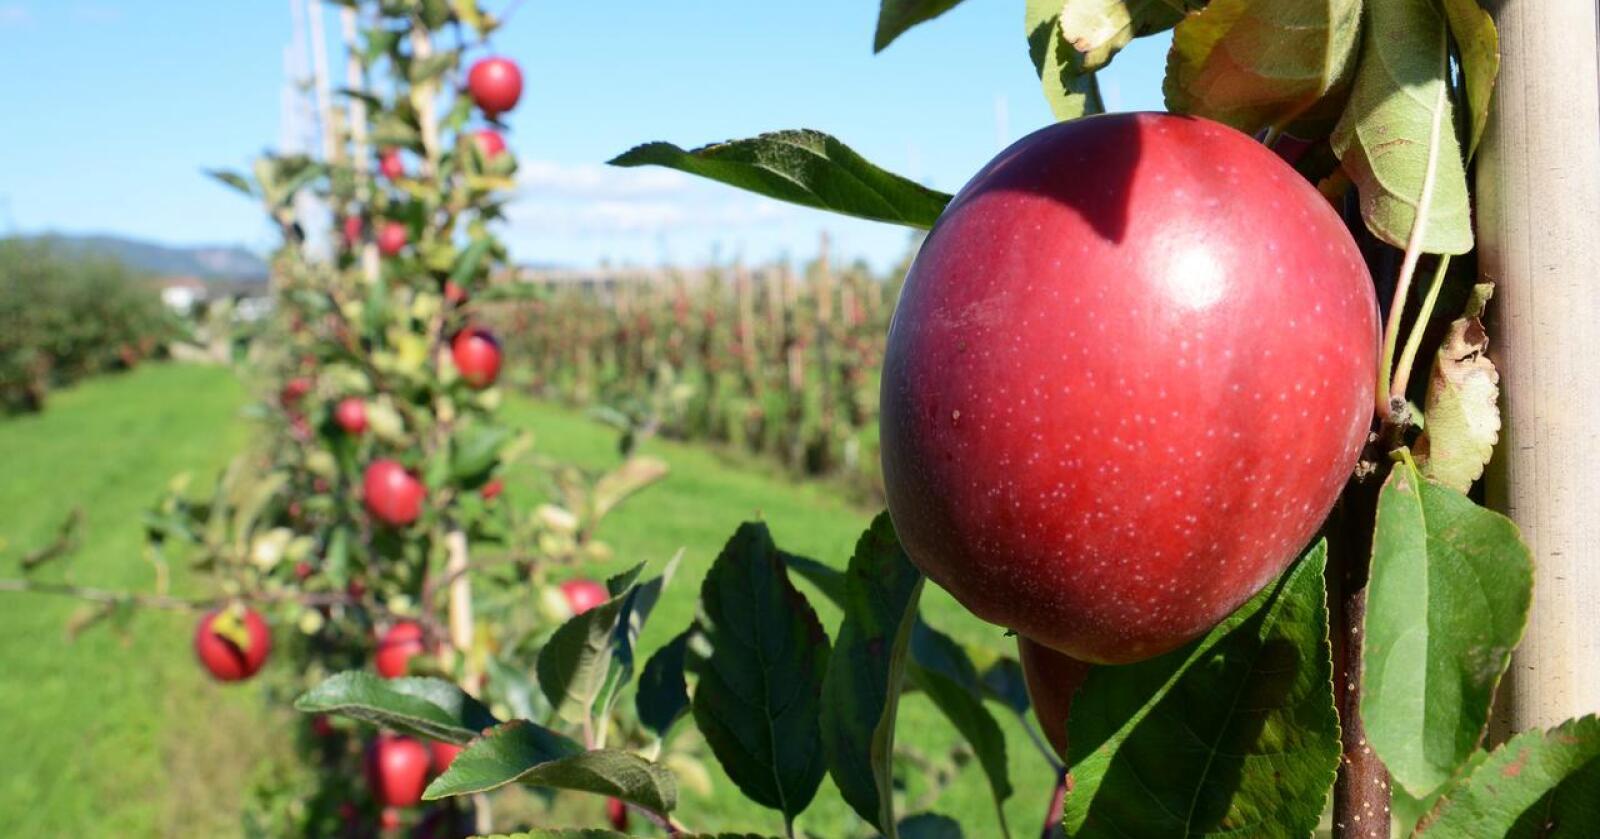 Frukt- og bærproduksjonen falt markant i 2020. Det skyldtes ikke minst dårlige forhold for eple og plommer, hvor de store volumene ligger. (Arkivfoto)